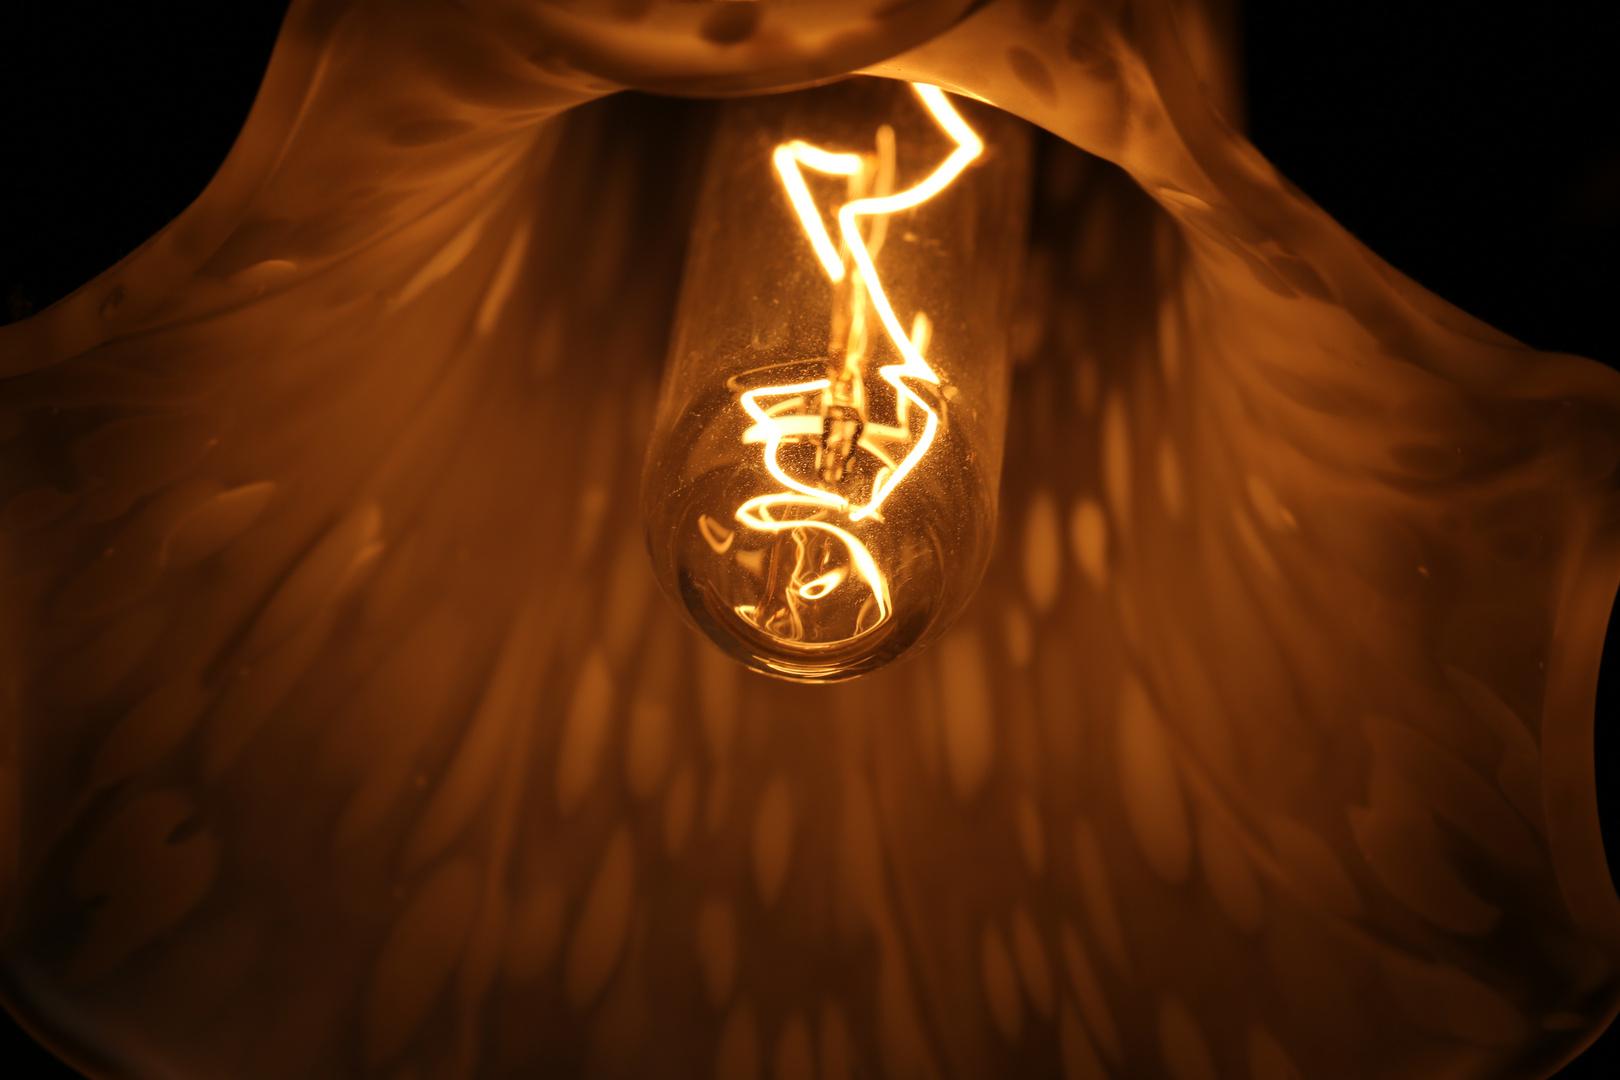 Die gute alte Glühbirne